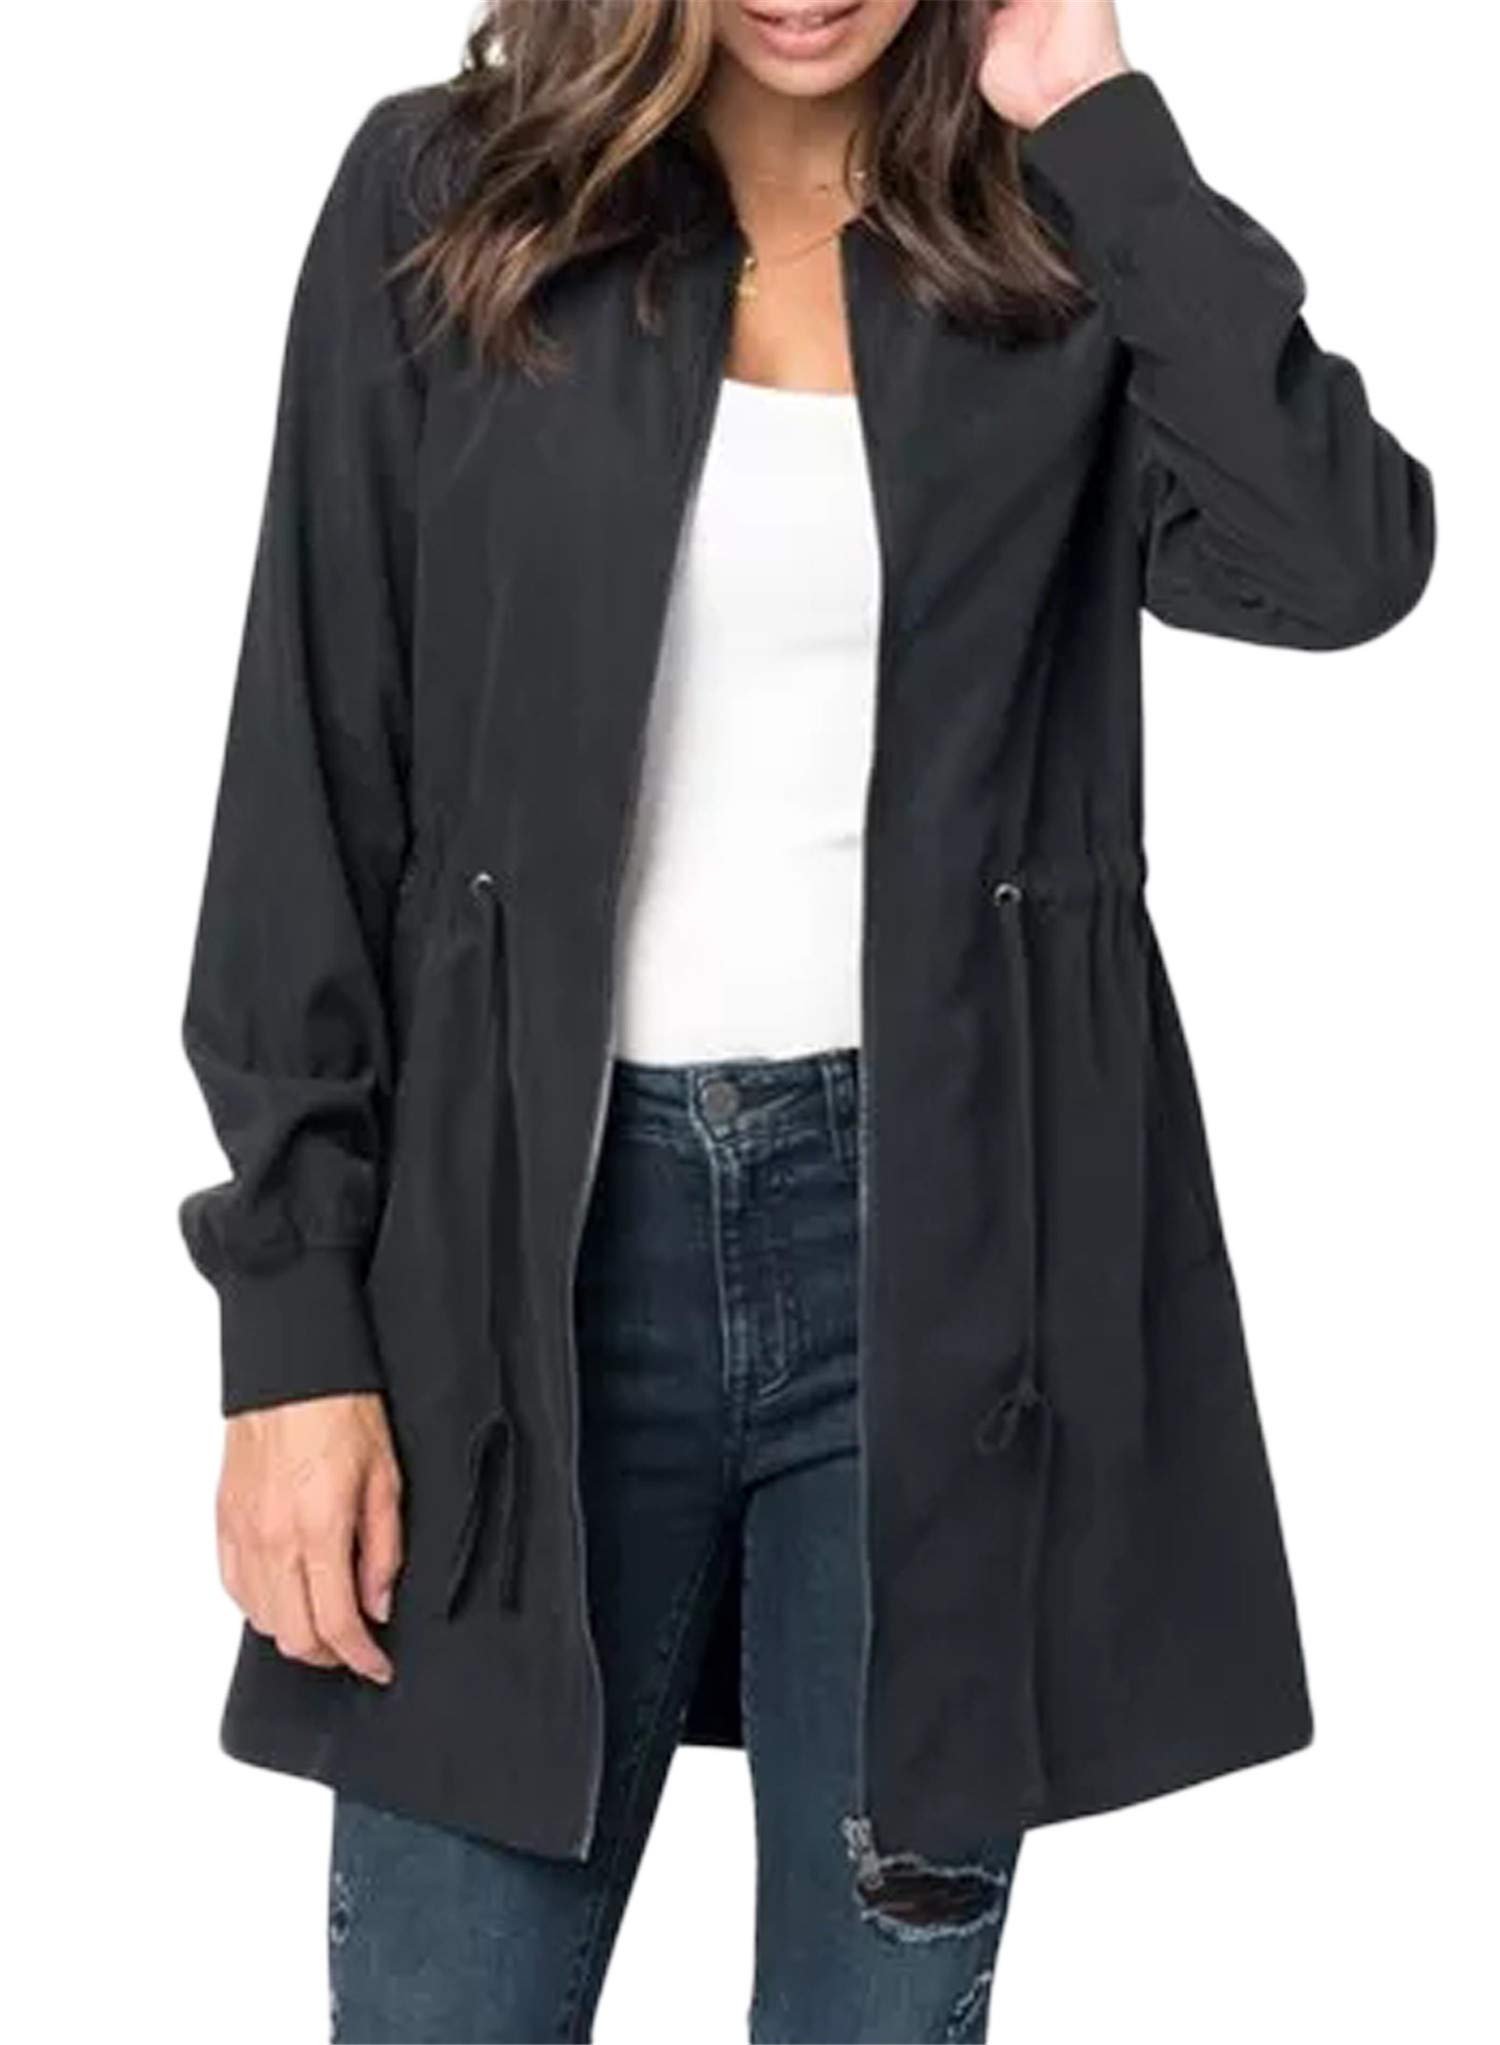 Blibea Womens Fall Jackets Casual Long Zipper Suede Lightweight Coat Outwear Windbreaker Medium Black